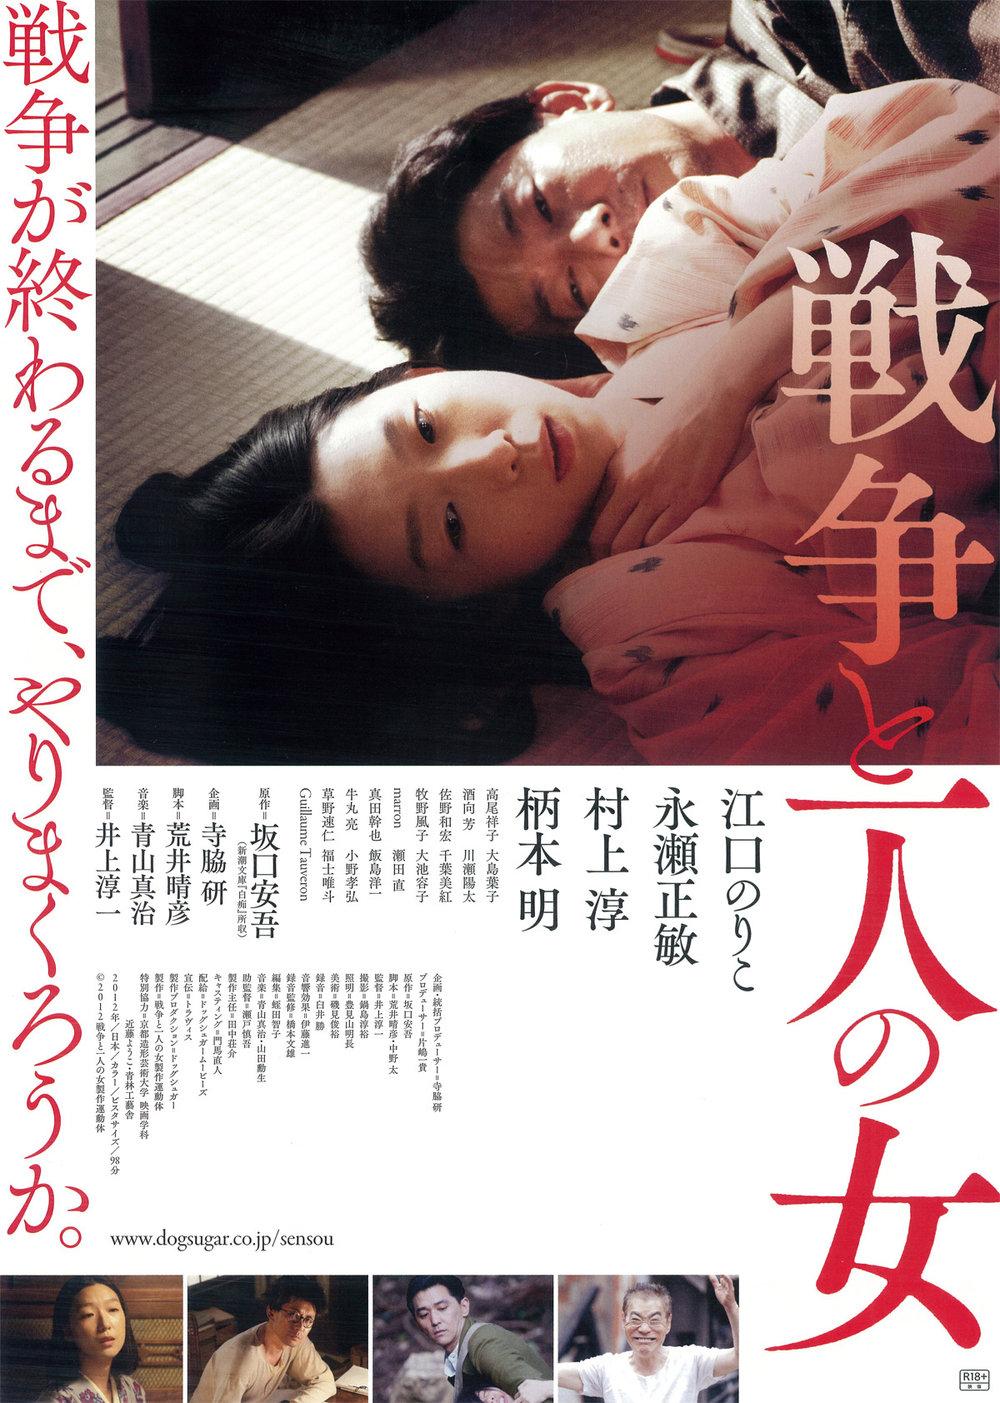 2013年改編小說的同名電影,由日本導演井上淳一執導。©2012戦争と一人の女製作運動体